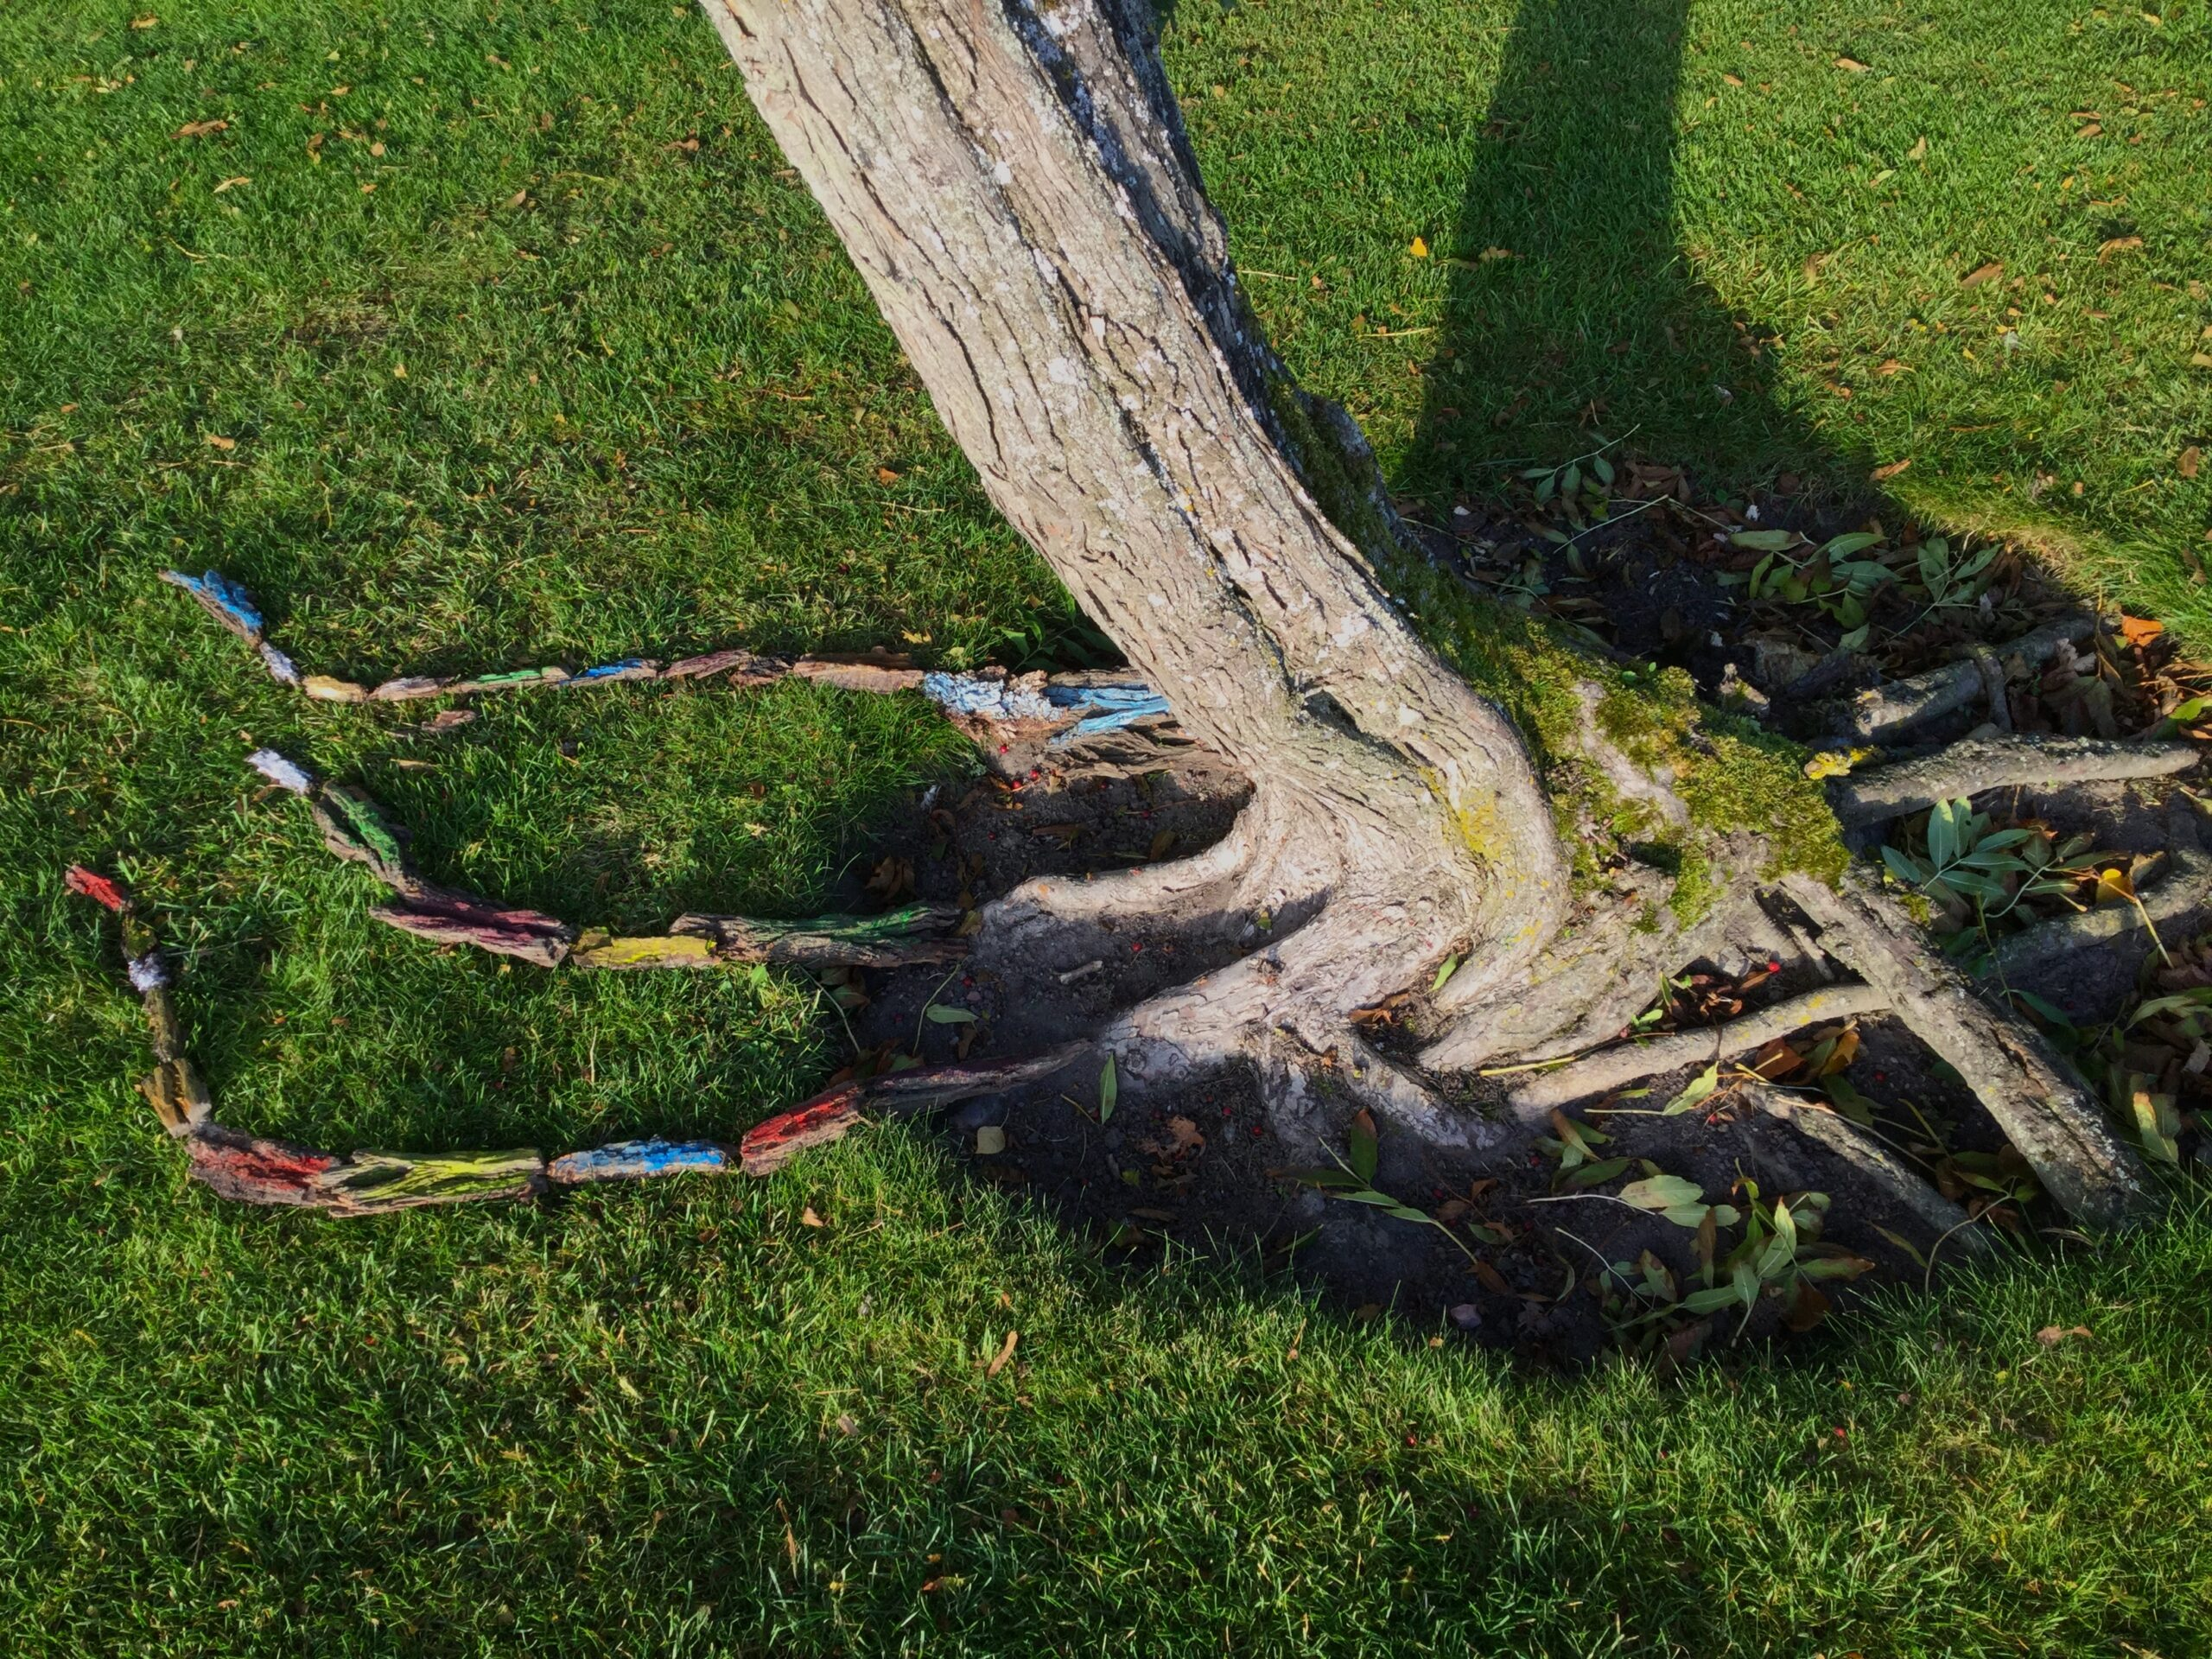 Ett träd med målade rötter